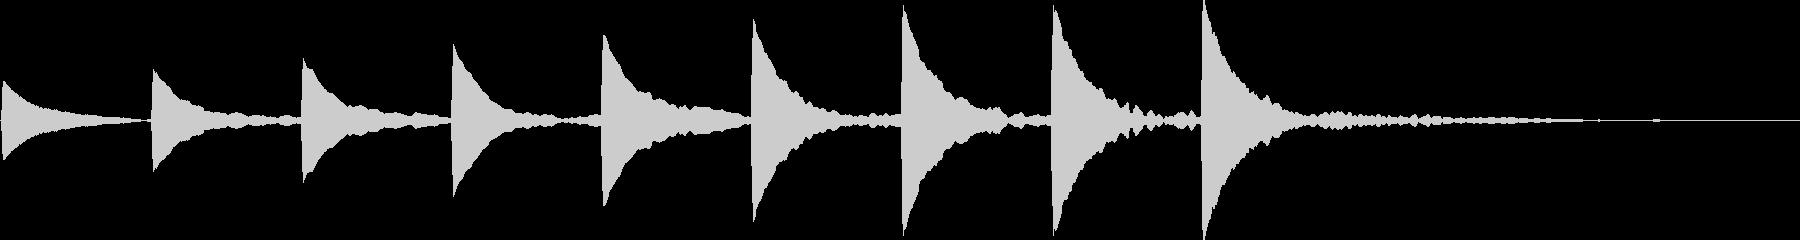 アイキャッチ・テロップ・場面転換・上昇の未再生の波形